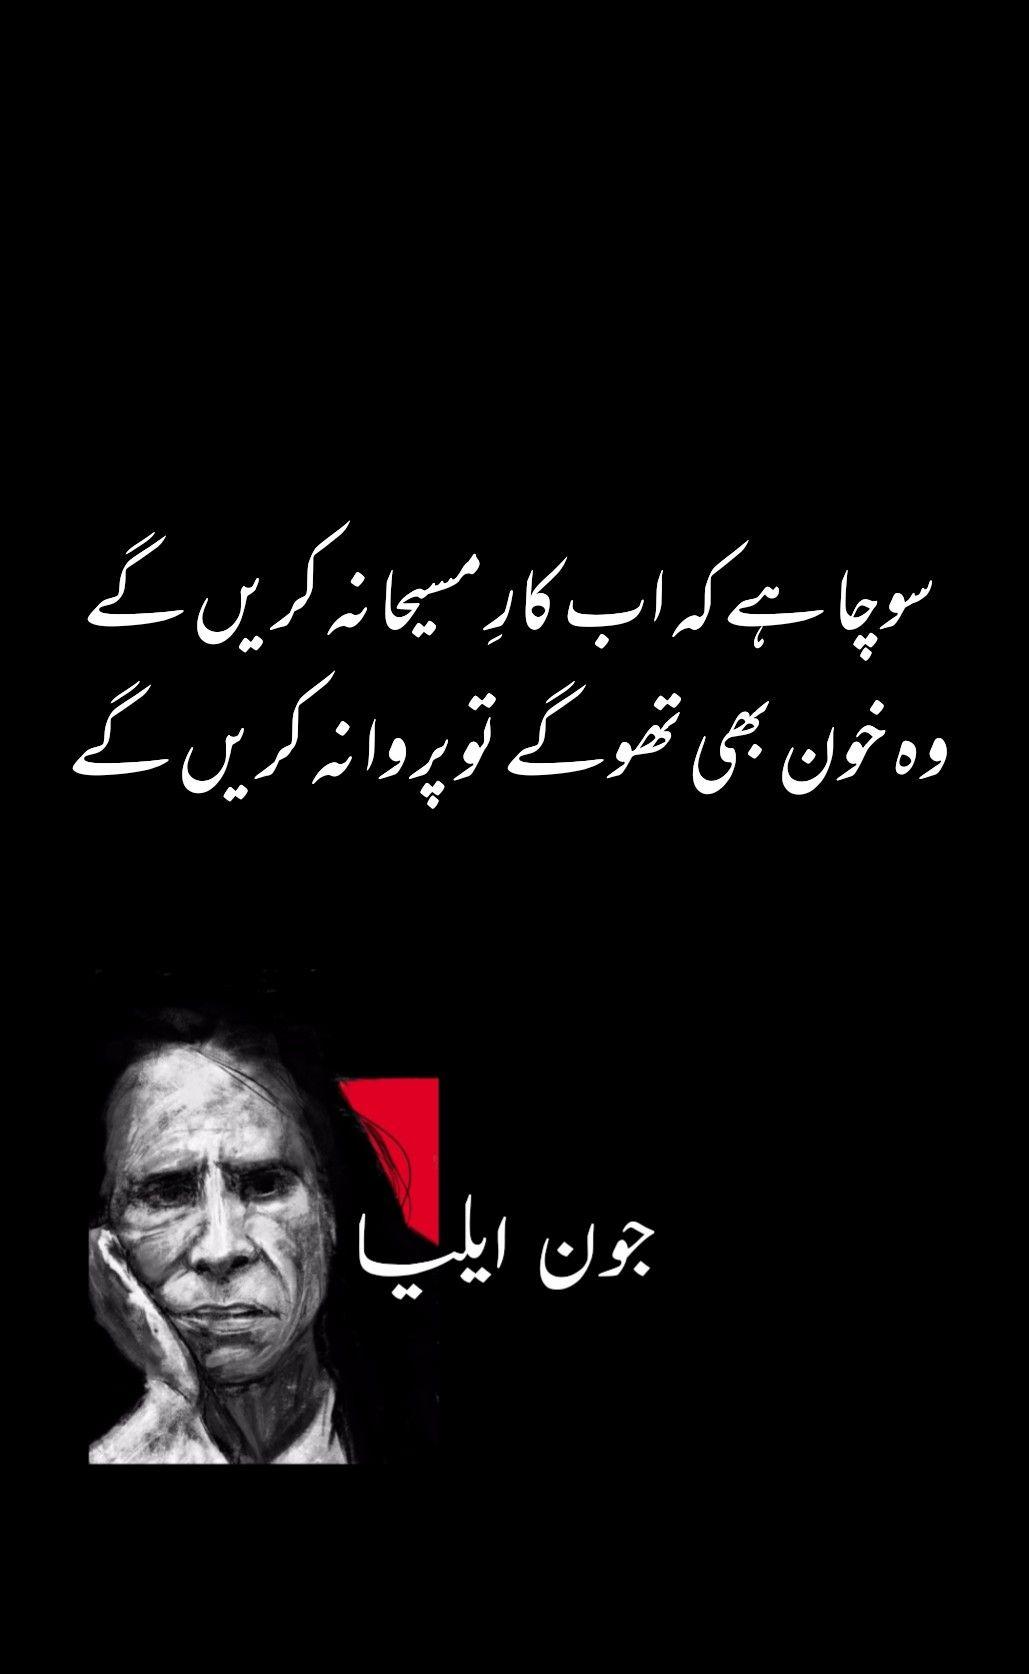 Pin By Sunny Shaikh On Urdu Quote/Shayri